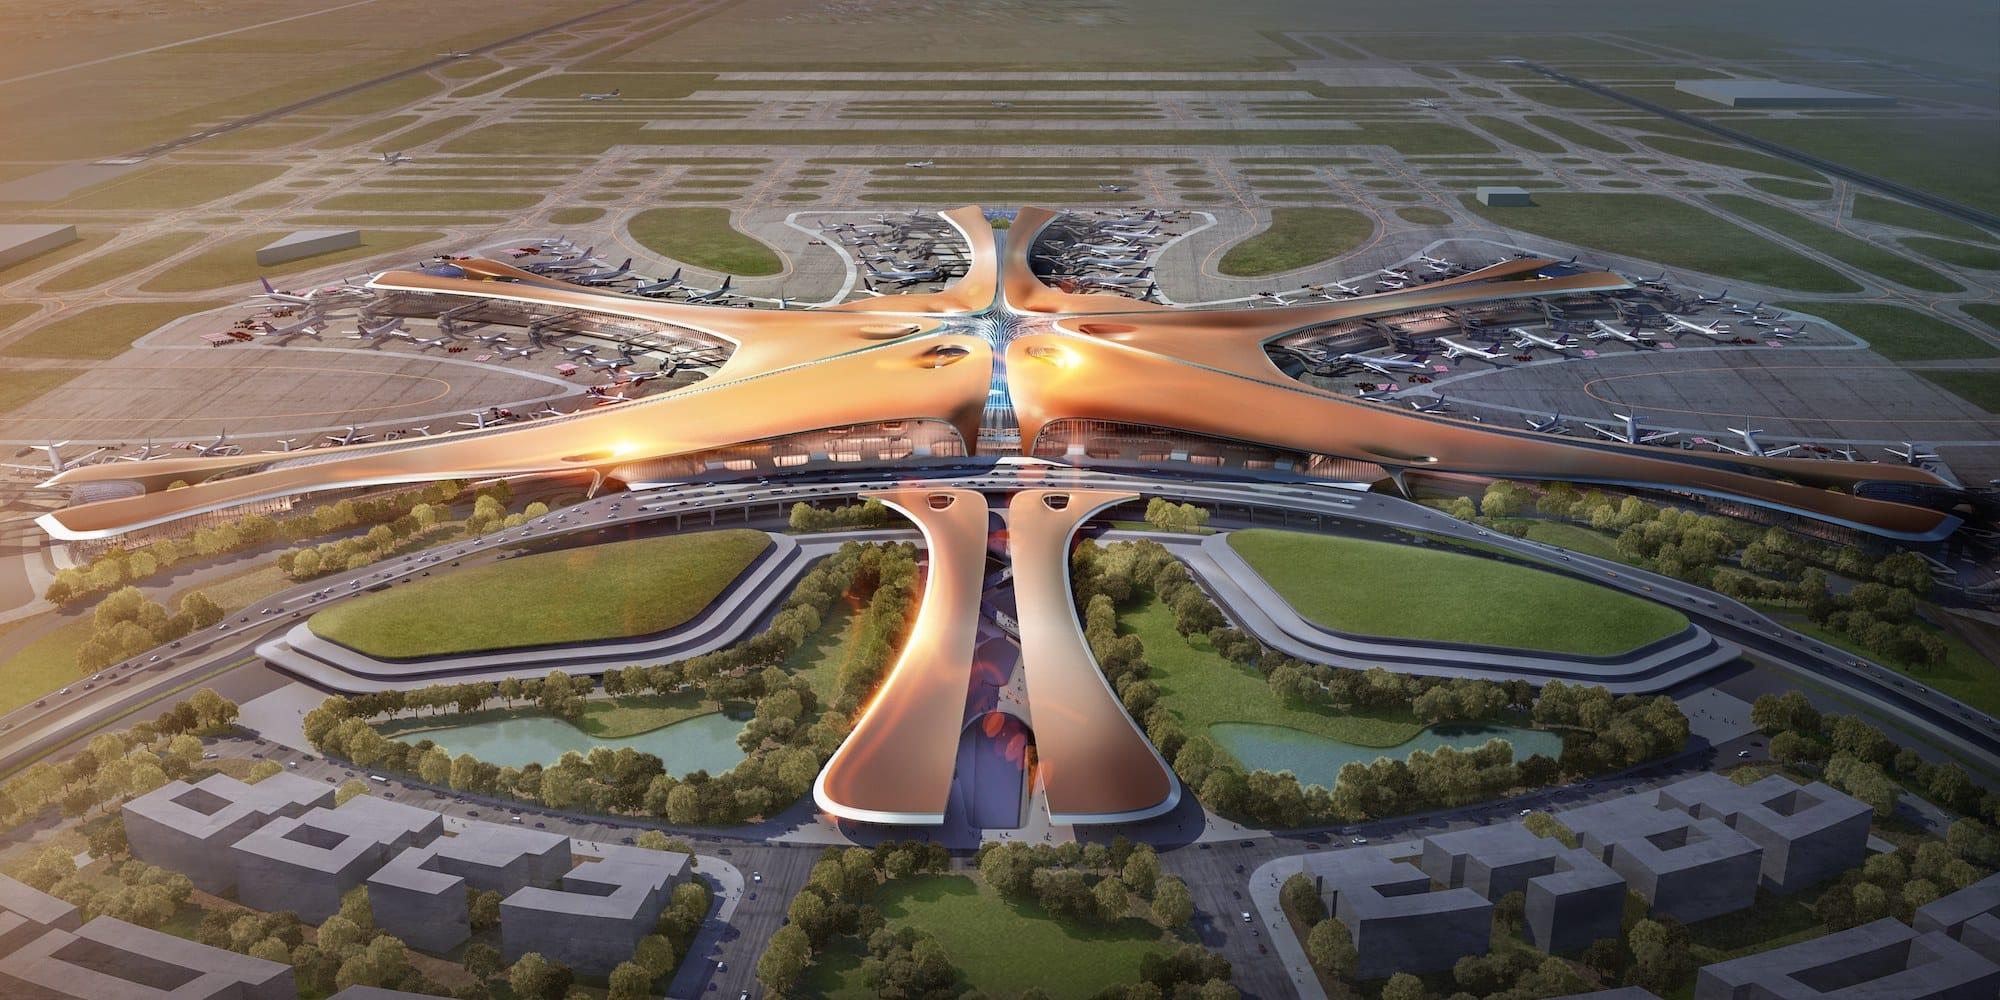 В Китае по проекту Захи Хадид построили самый большой аэропорт в мире